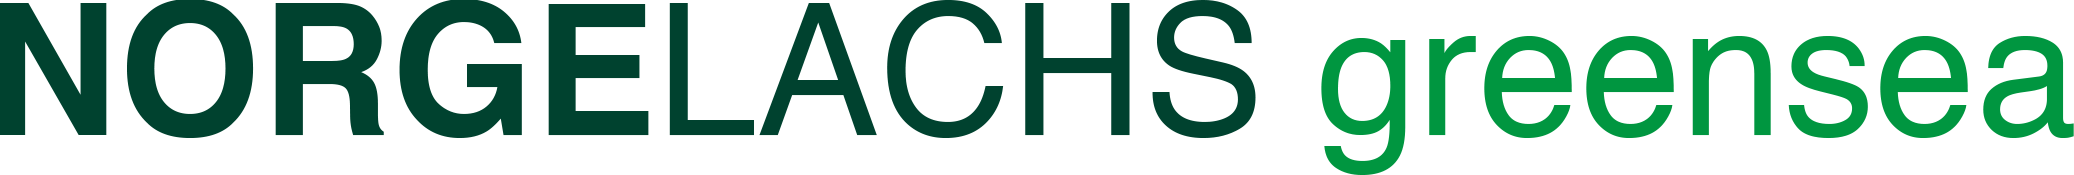 greensea - Irischer Bio-Lachs